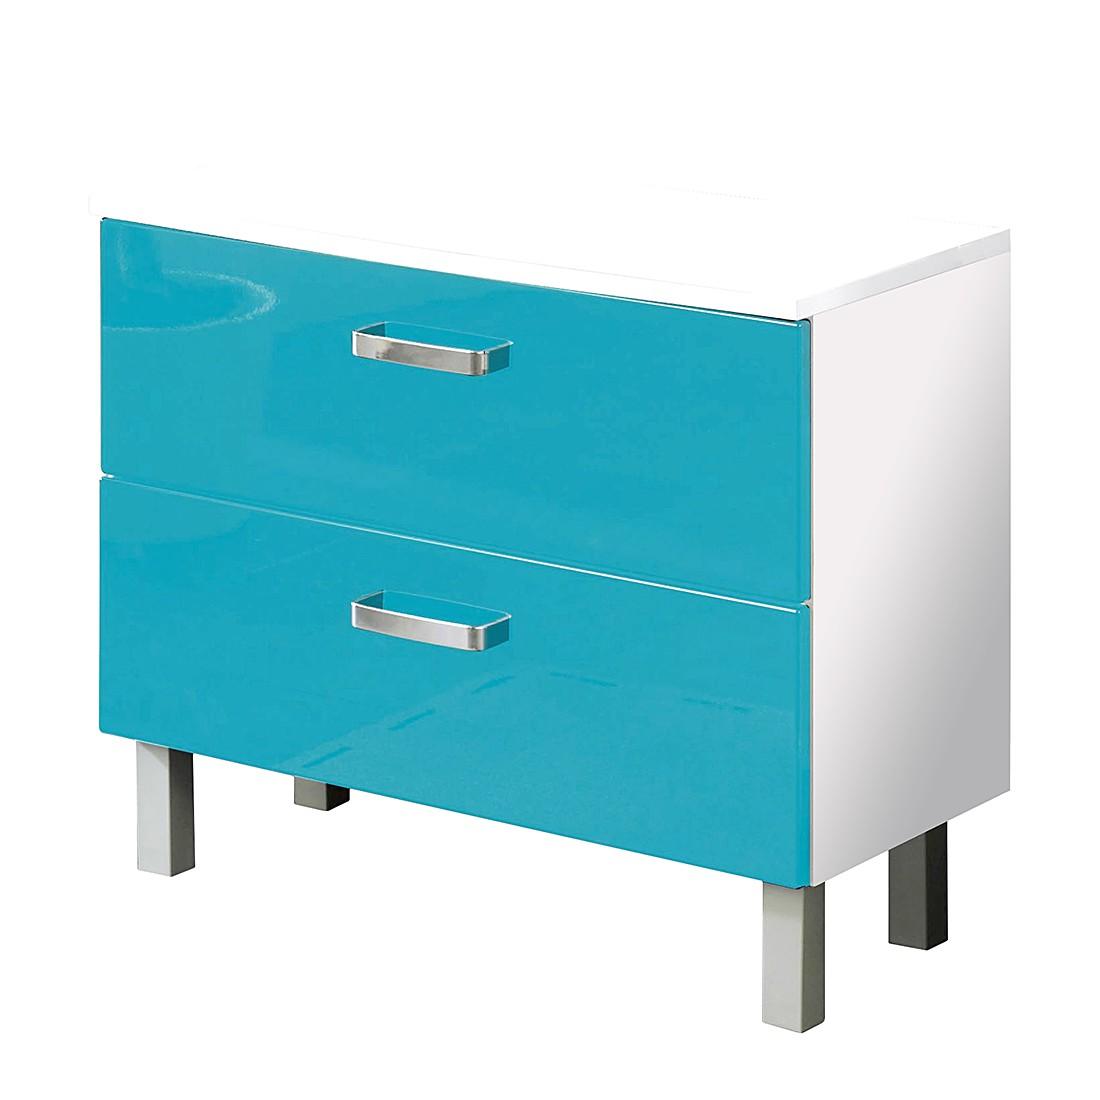 Prix des meuble sous lavabo 12 - Vasque bleu turquoise ...